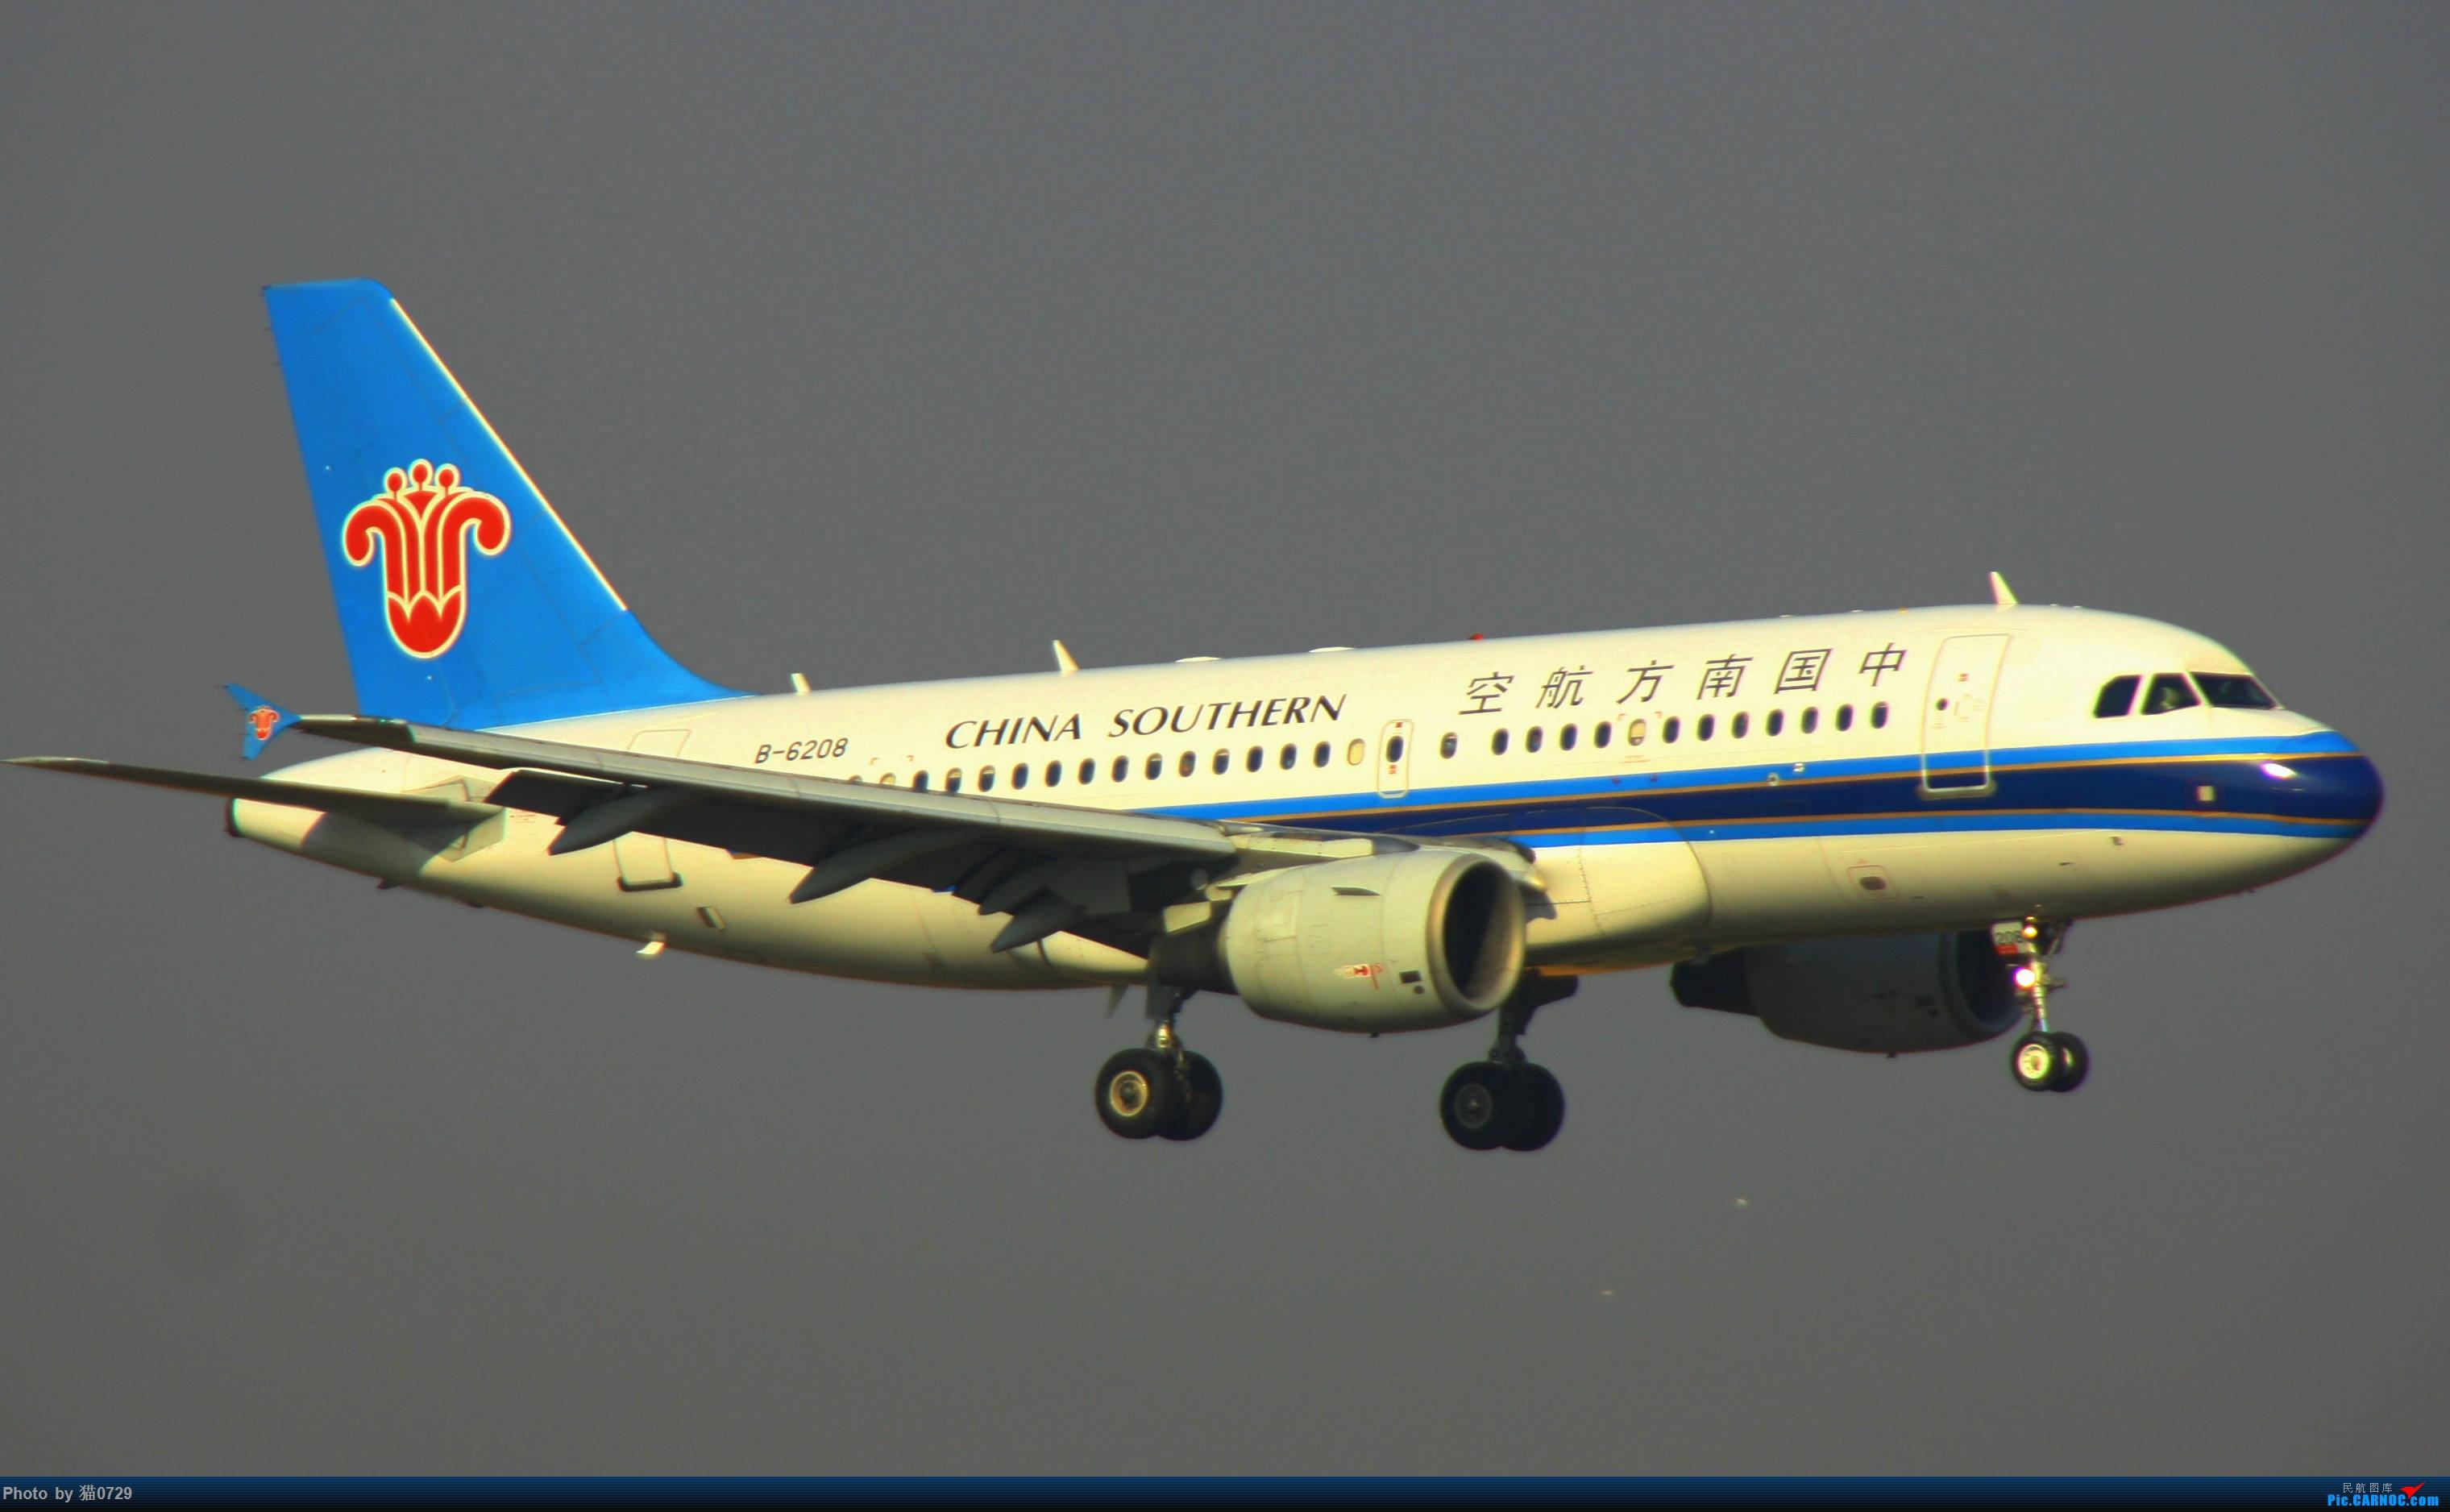 Re:[原创]跑道洞两右,气温三拐,六点五小时坚守双流 AIRBUS A319-100 B-6208 中国成都双流国际机场